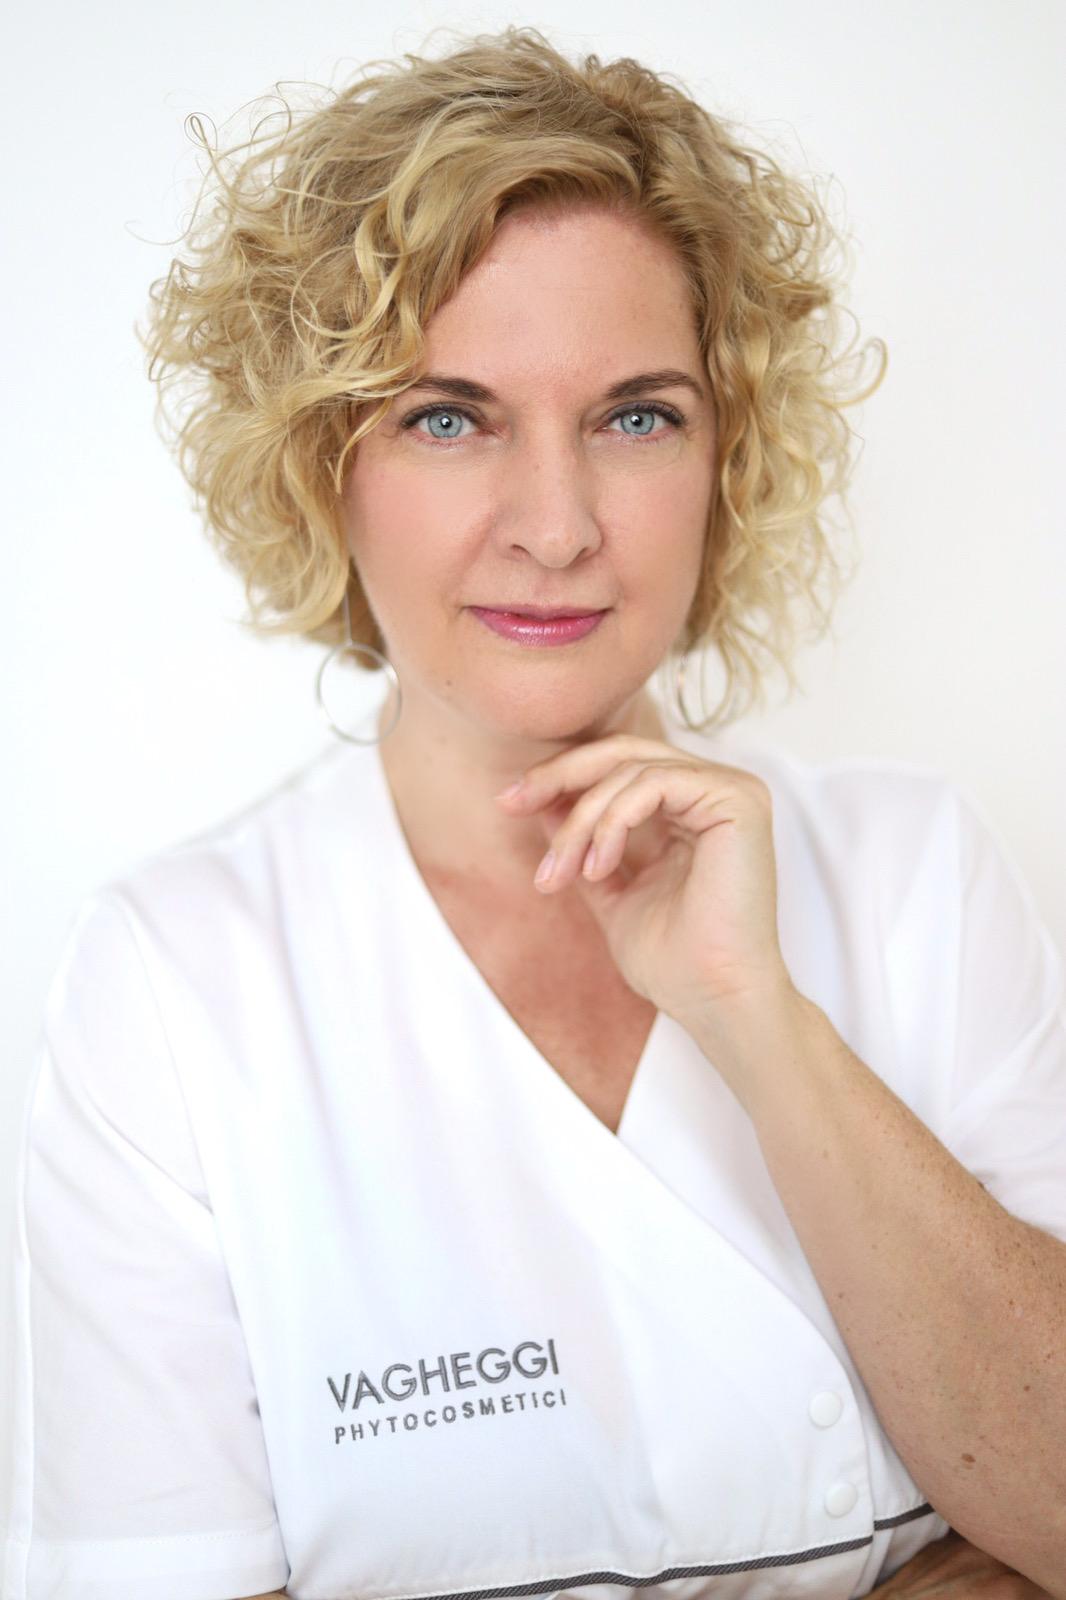 Nagy Krisztina mesterkozmetikus - Vagheggi specialista